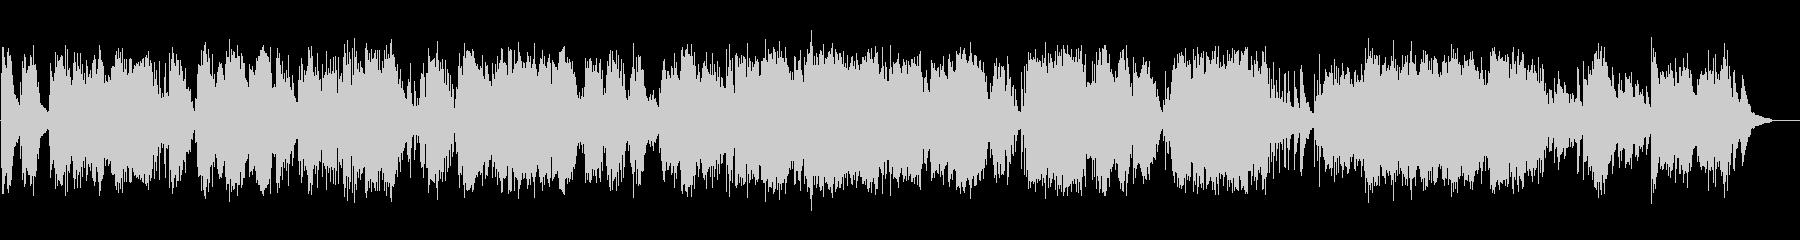 ヒーリング系ピアノ即興演奏の未再生の波形